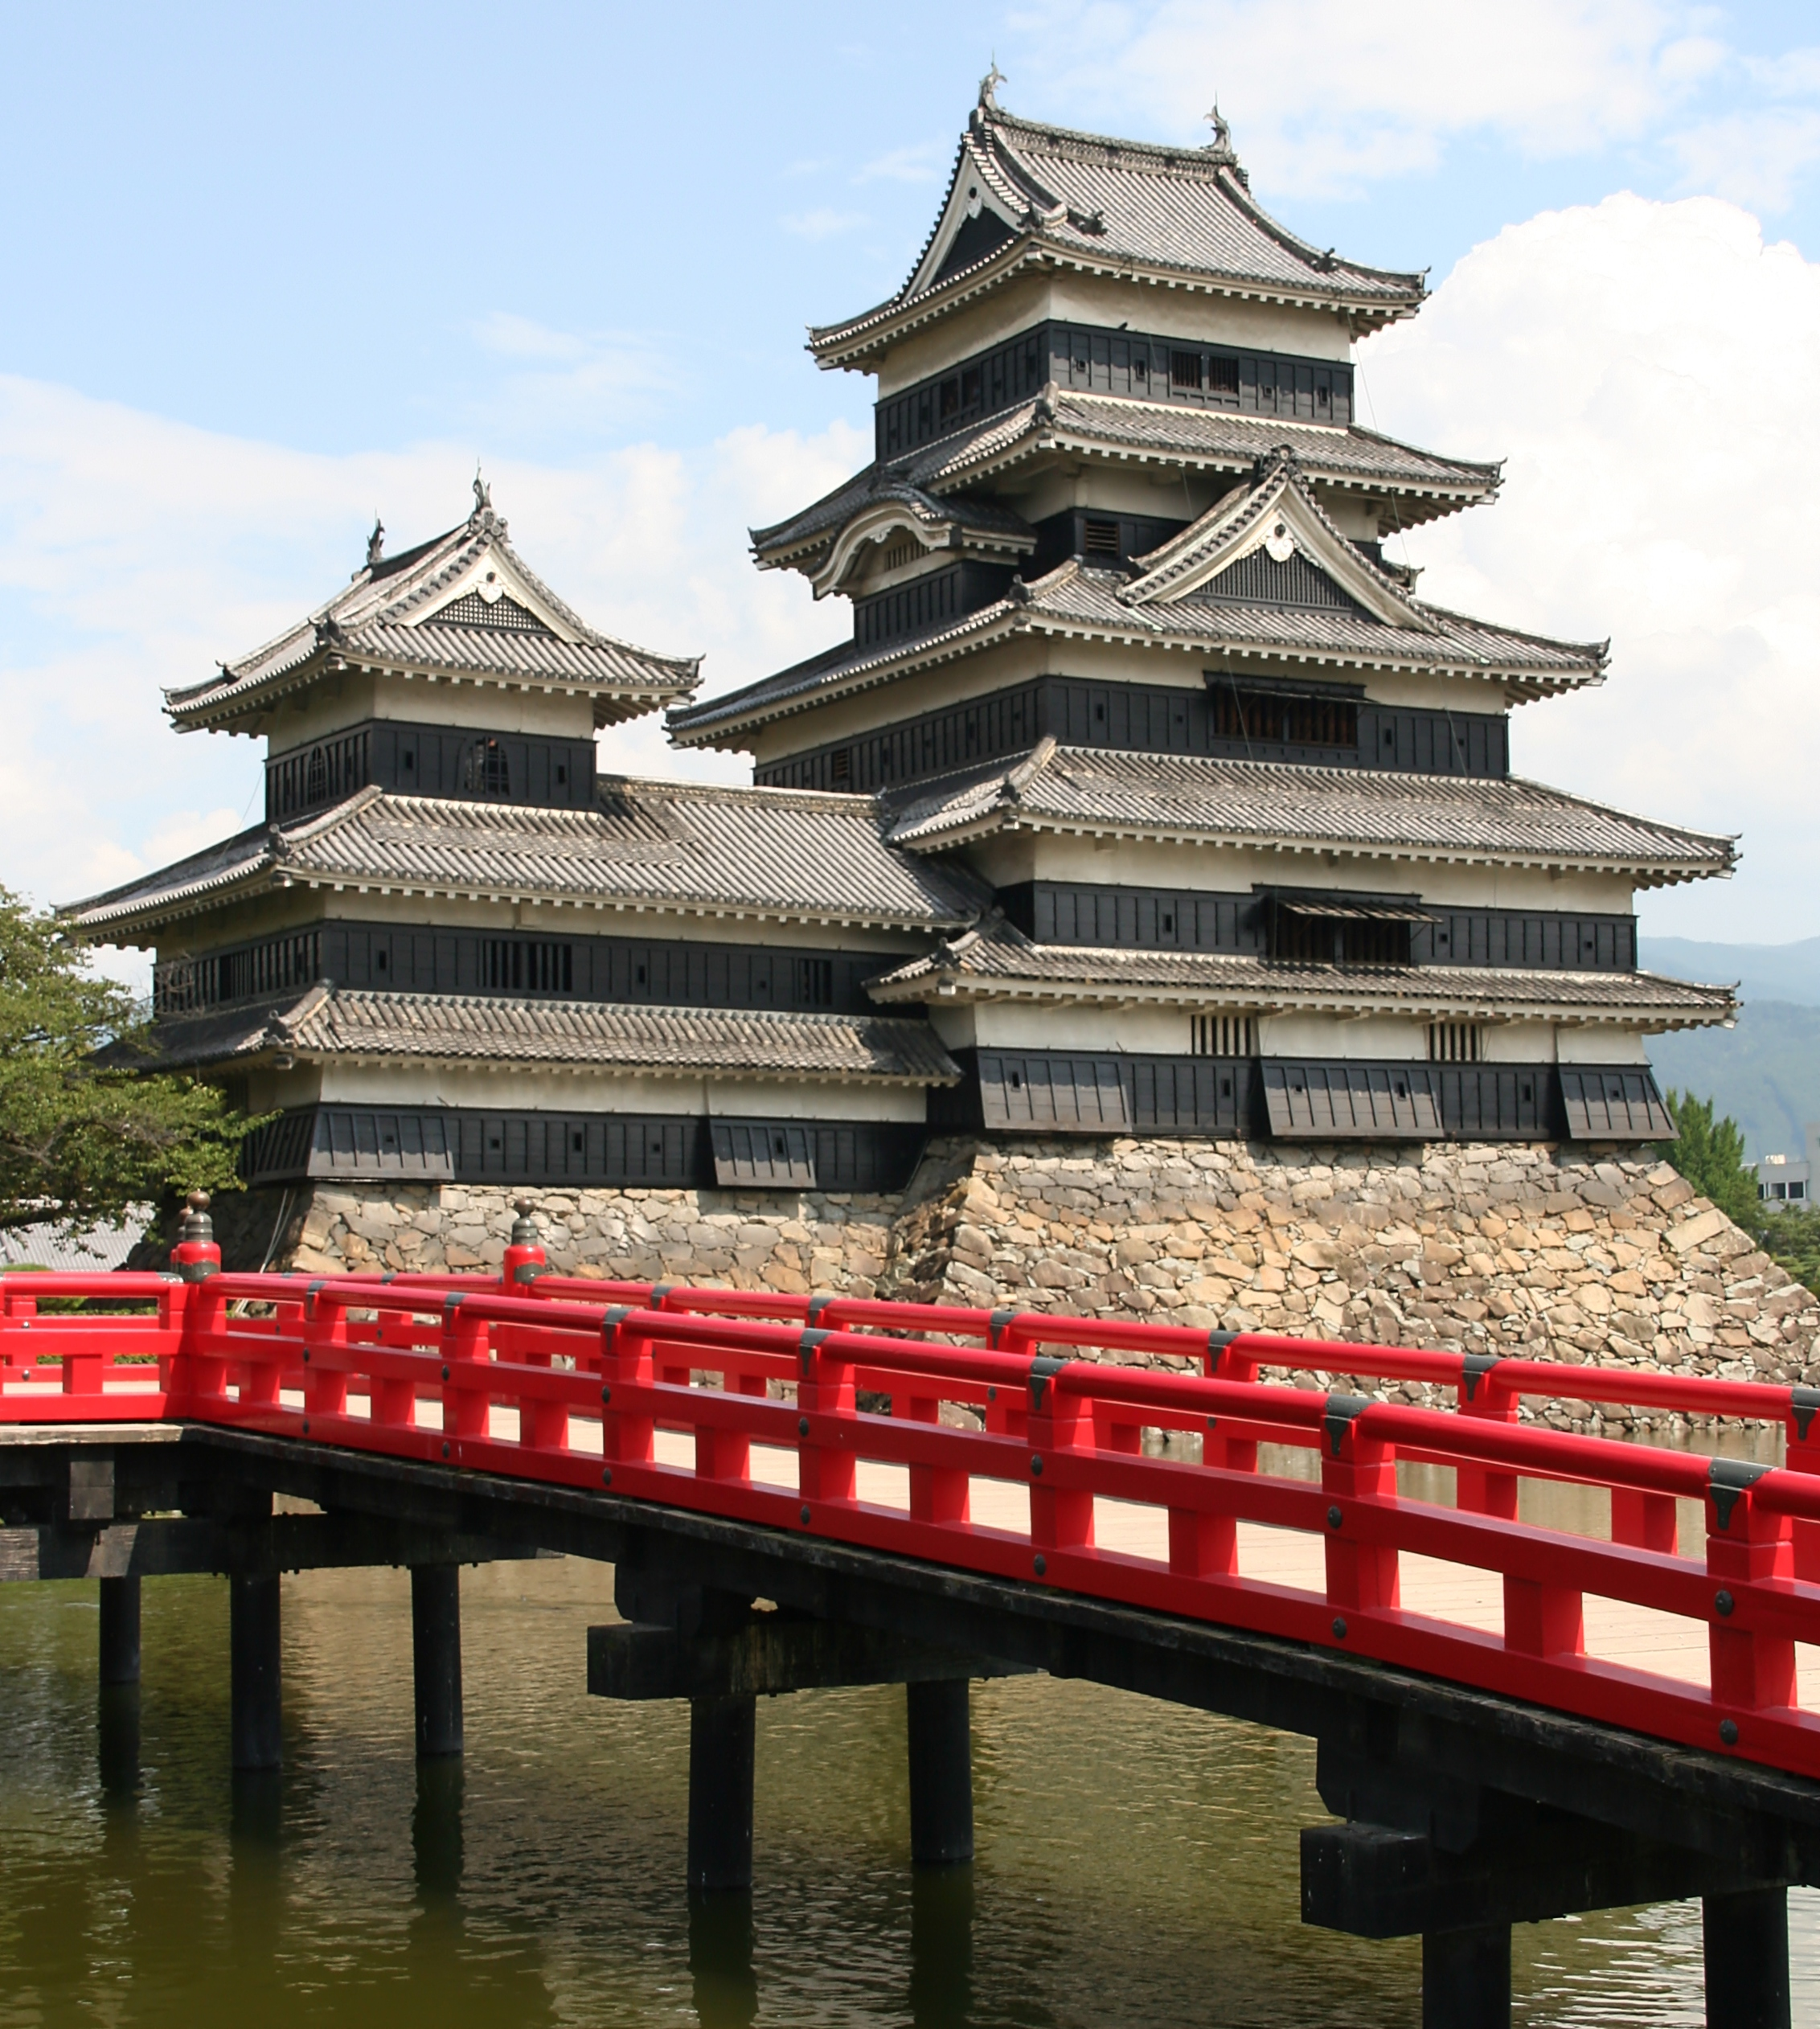 長野県第2の都市の松本市は、古代には国府が置かれた長野県の中心都市でした。そして、ここには、国宝に指定されている、黒くそびえる天守を持つ松本城があります。実はここは城主が何度も入れ替わった城です。そんな松本城の歴史を歴代の城主に着目して解説します。のサムネイル画像